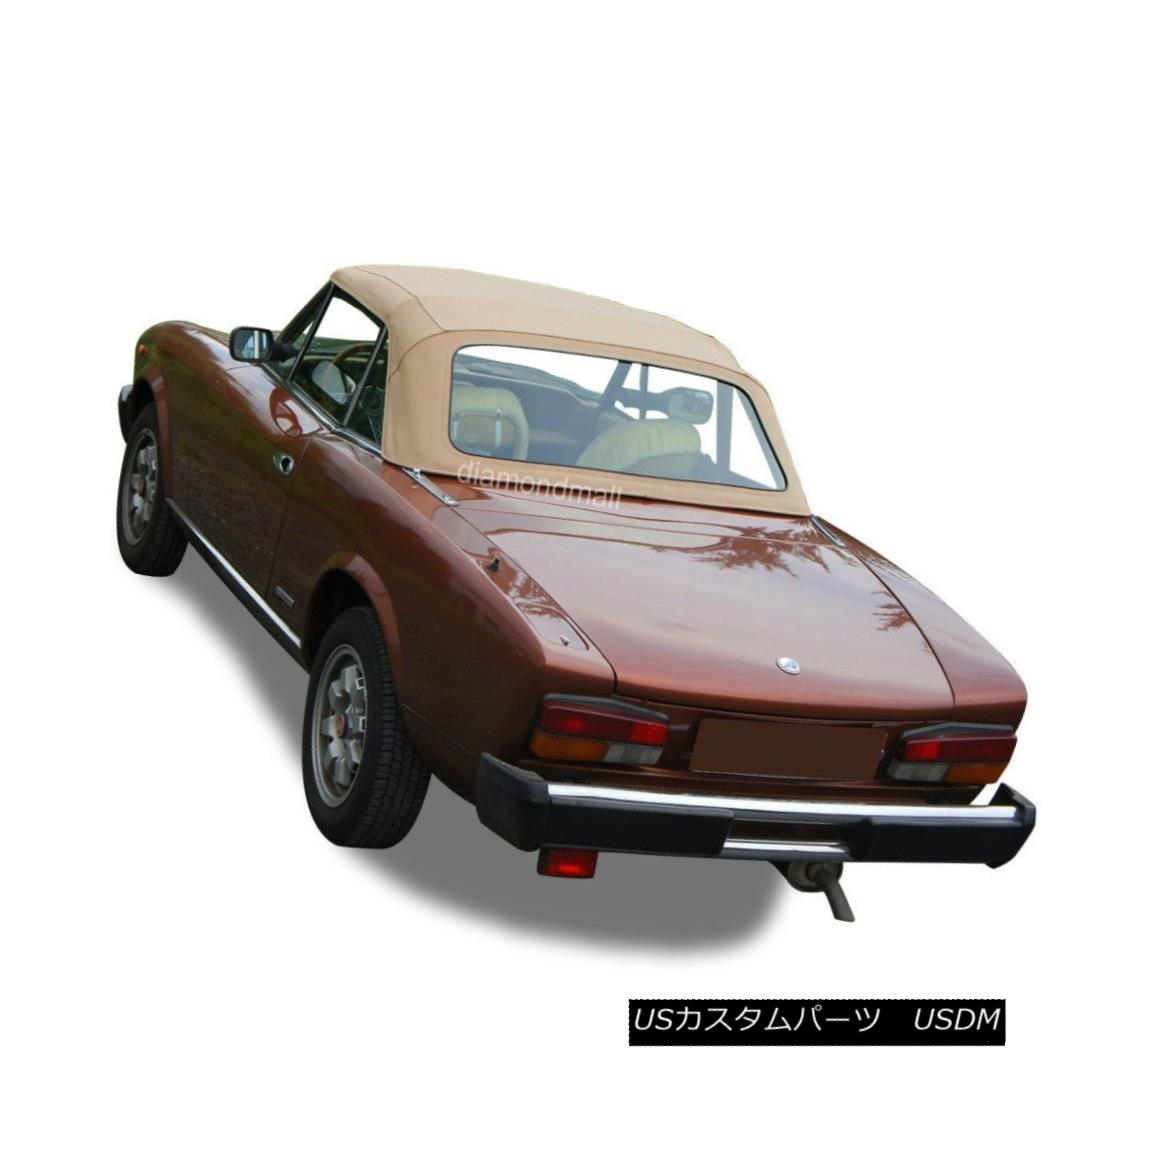 幌・ソフトトップ Fiat 124 2000, Spider CS2 1979-1982 Convertible Soft Top Tan Pinpoint Vinyl フィアット124 2000、スパイダーCS2 1979-1982コンバーチブルソフトトップタンピンポイントビニール